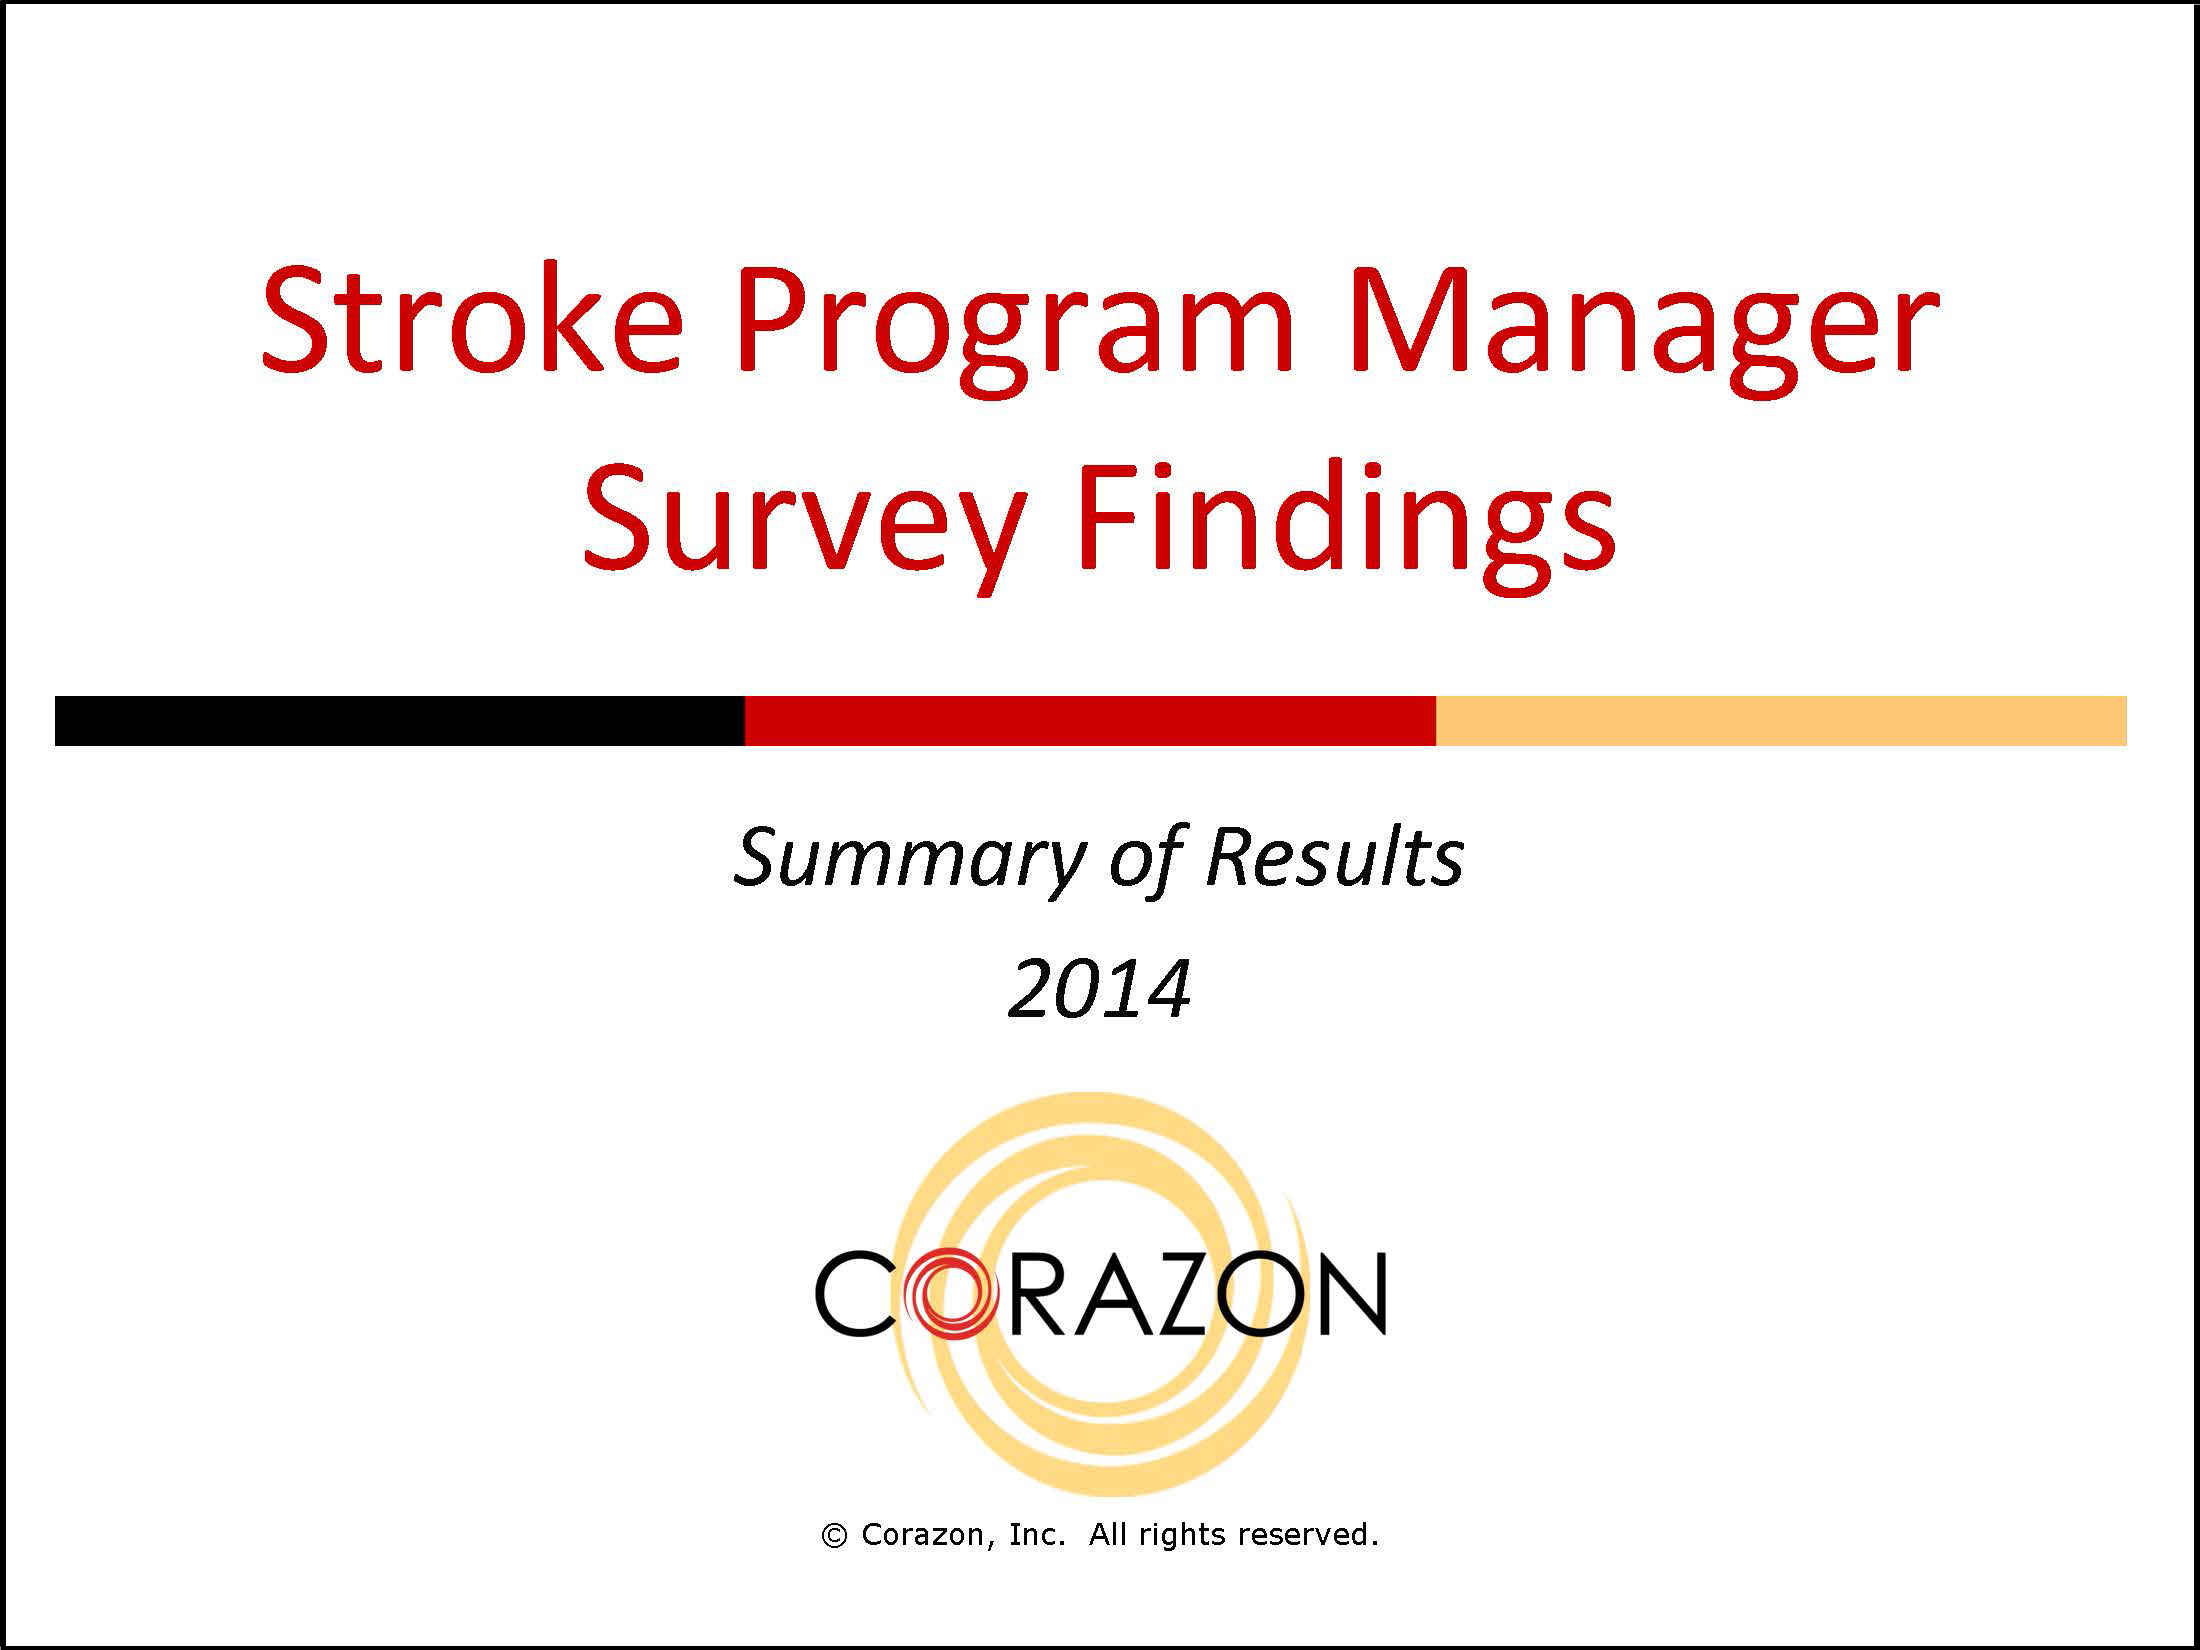 Stroke Program Manager Survey Findings 00044